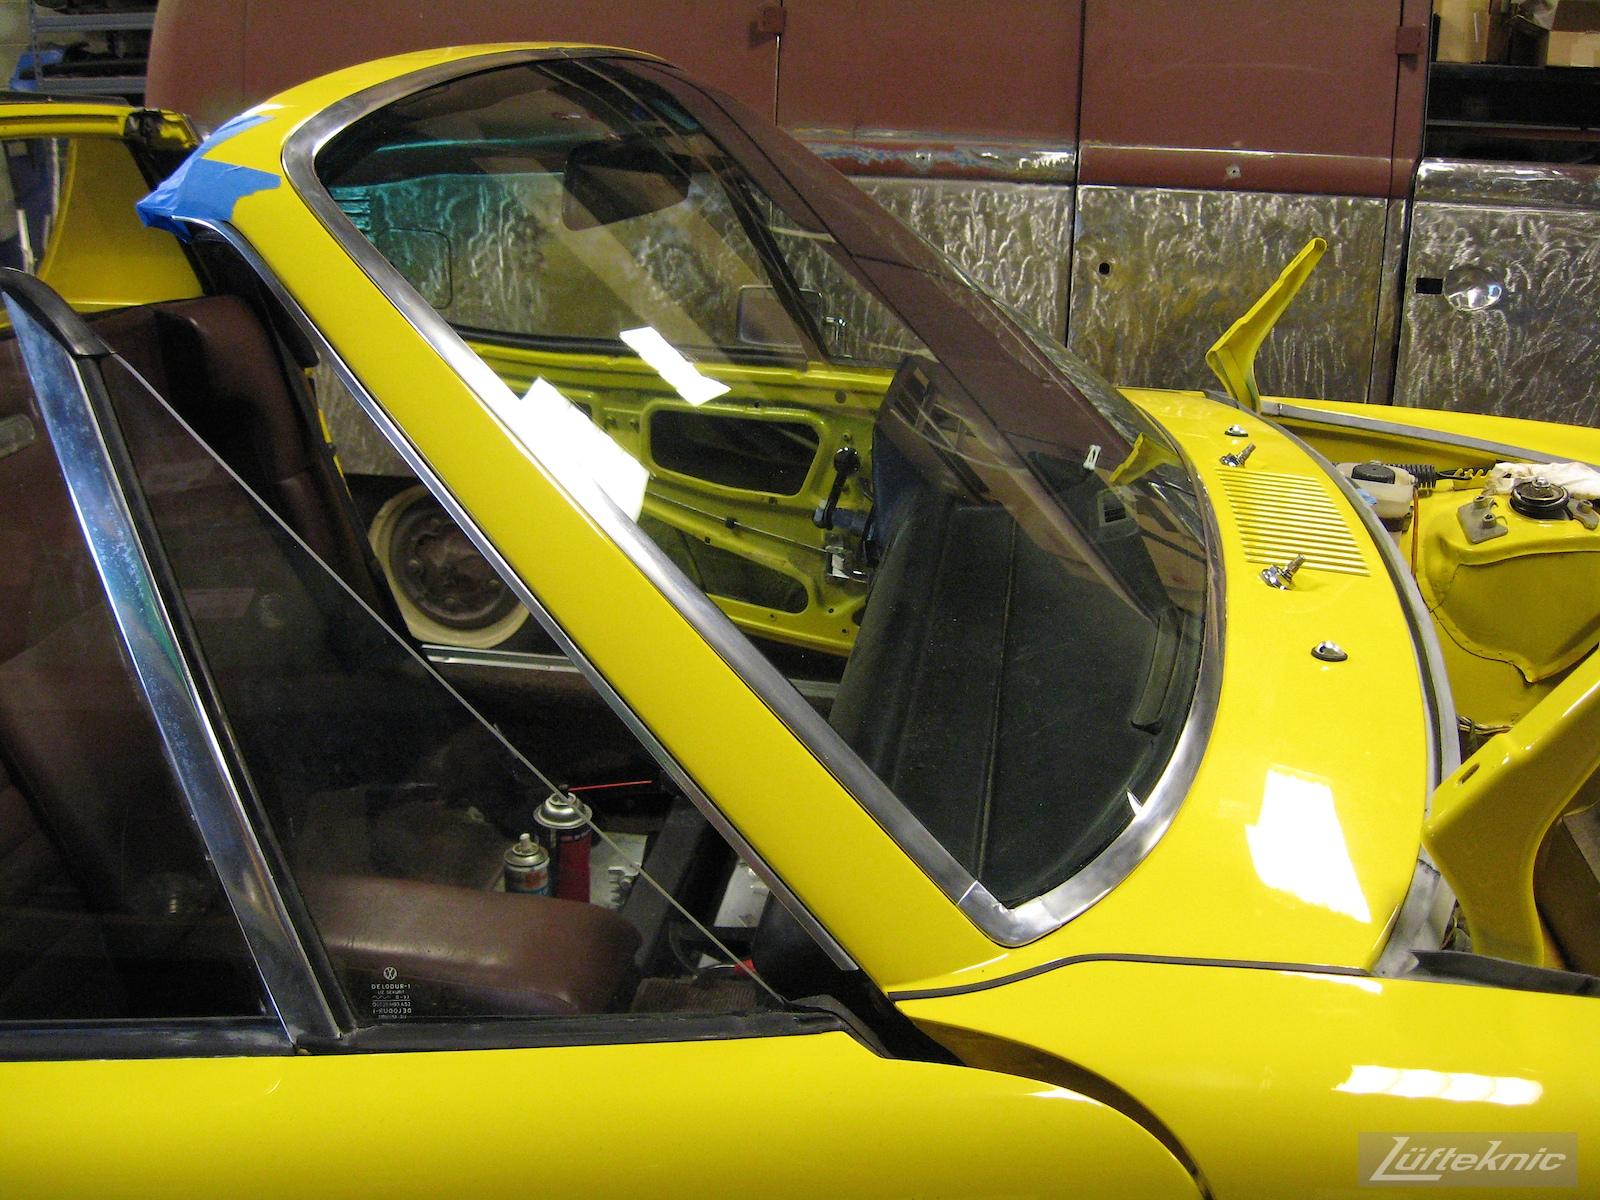 Installed windshield details on a restored yellow Porsche 914 at Lufteknic.